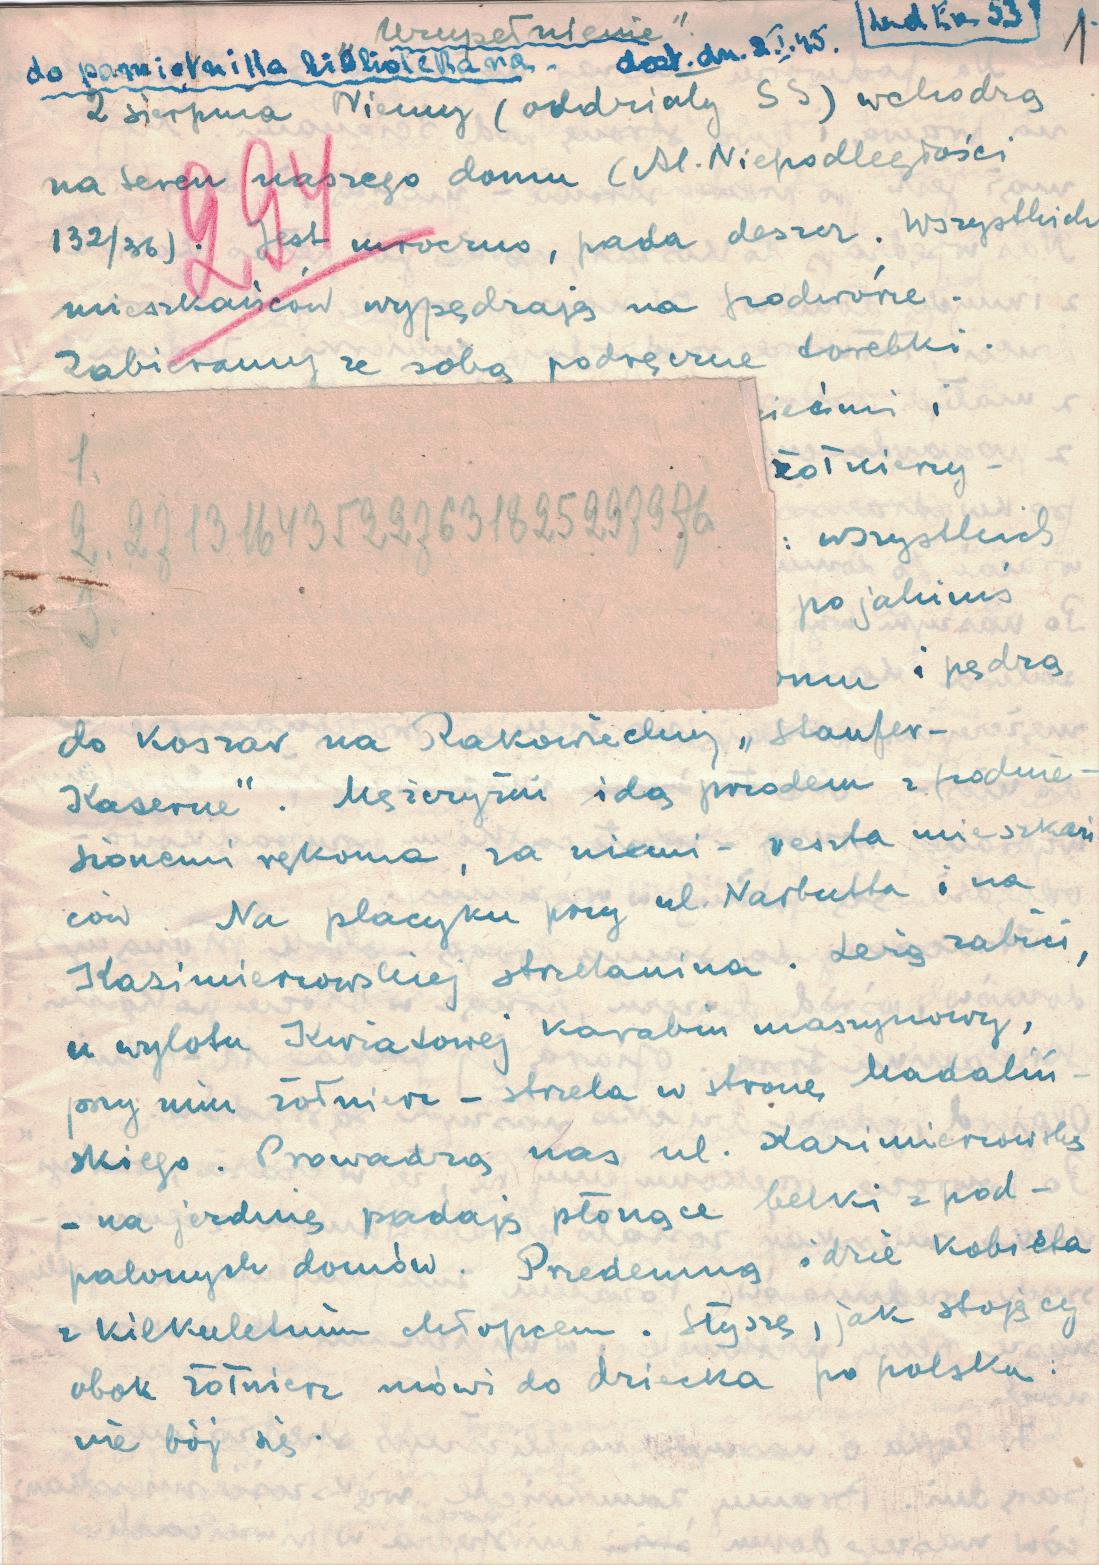 Fot. 3. Rękopis protokołu nr 294. Relacja złożona przez prof. Alodię Kawecką-Gryczową. Nazwisko było pierwotnie zaszyfrowane. Źródło: I.Z. Dok. V-223.